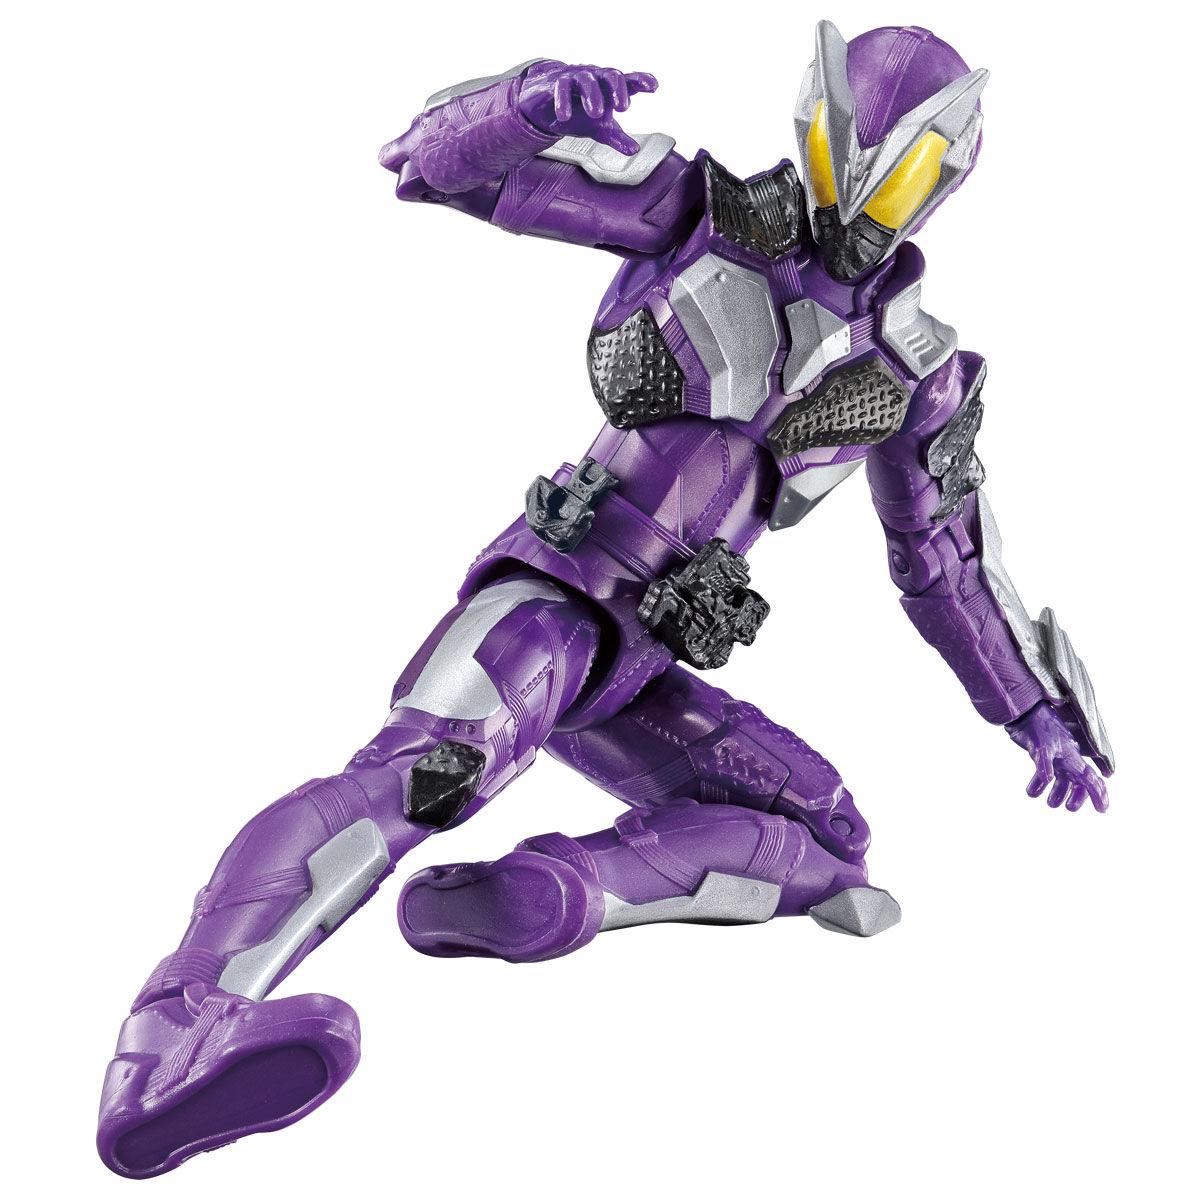 RKF『仮面ライダー滅 スティングスコーピオン』可動フィギュア-003